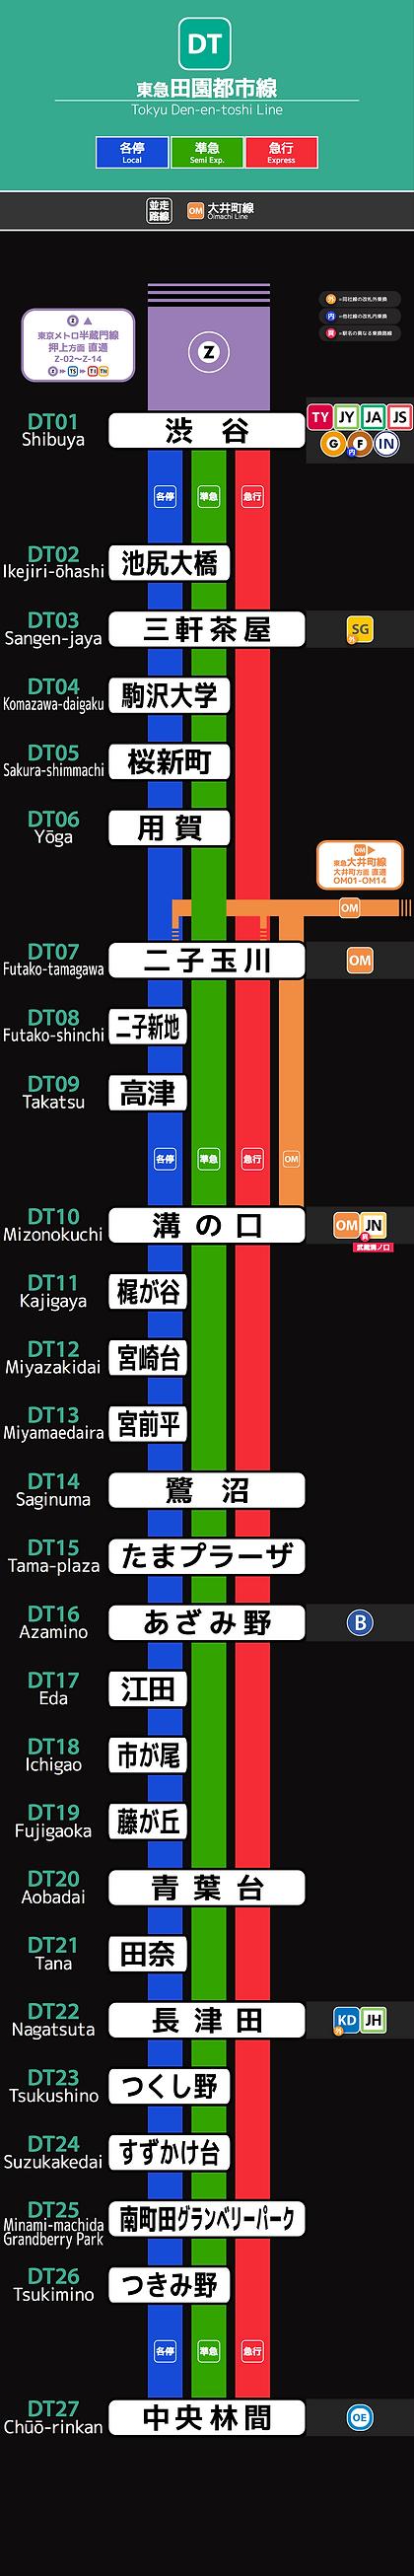 東急田園都市線_2019-10-06.png